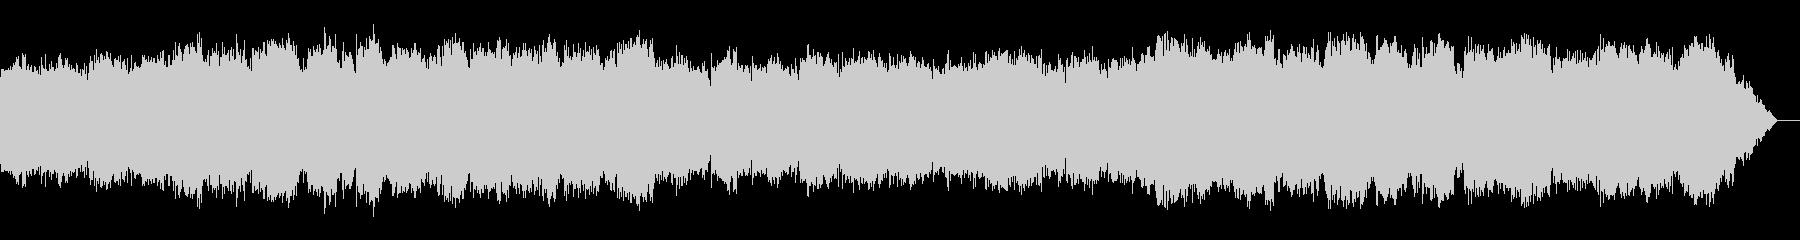 ピアノとシンセと笛のリラックスサウンドの未再生の波形